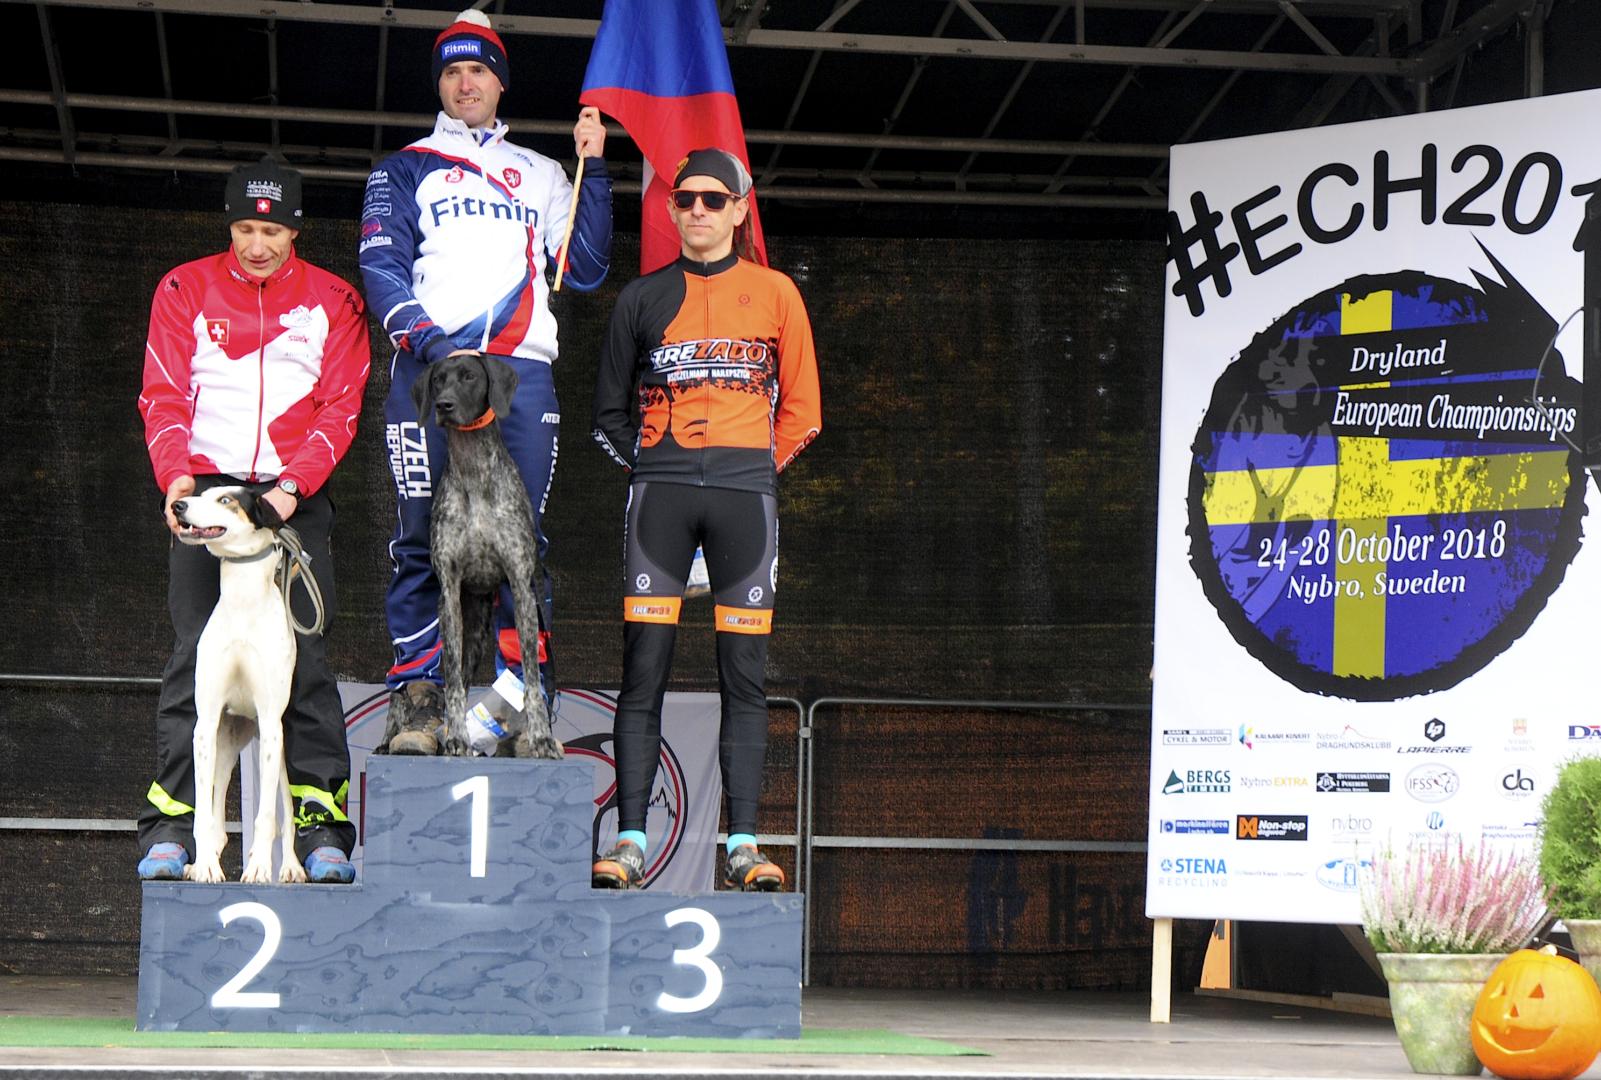 Cztery medale polskich ekip na Mistrzostwach Europy w bikejoringu